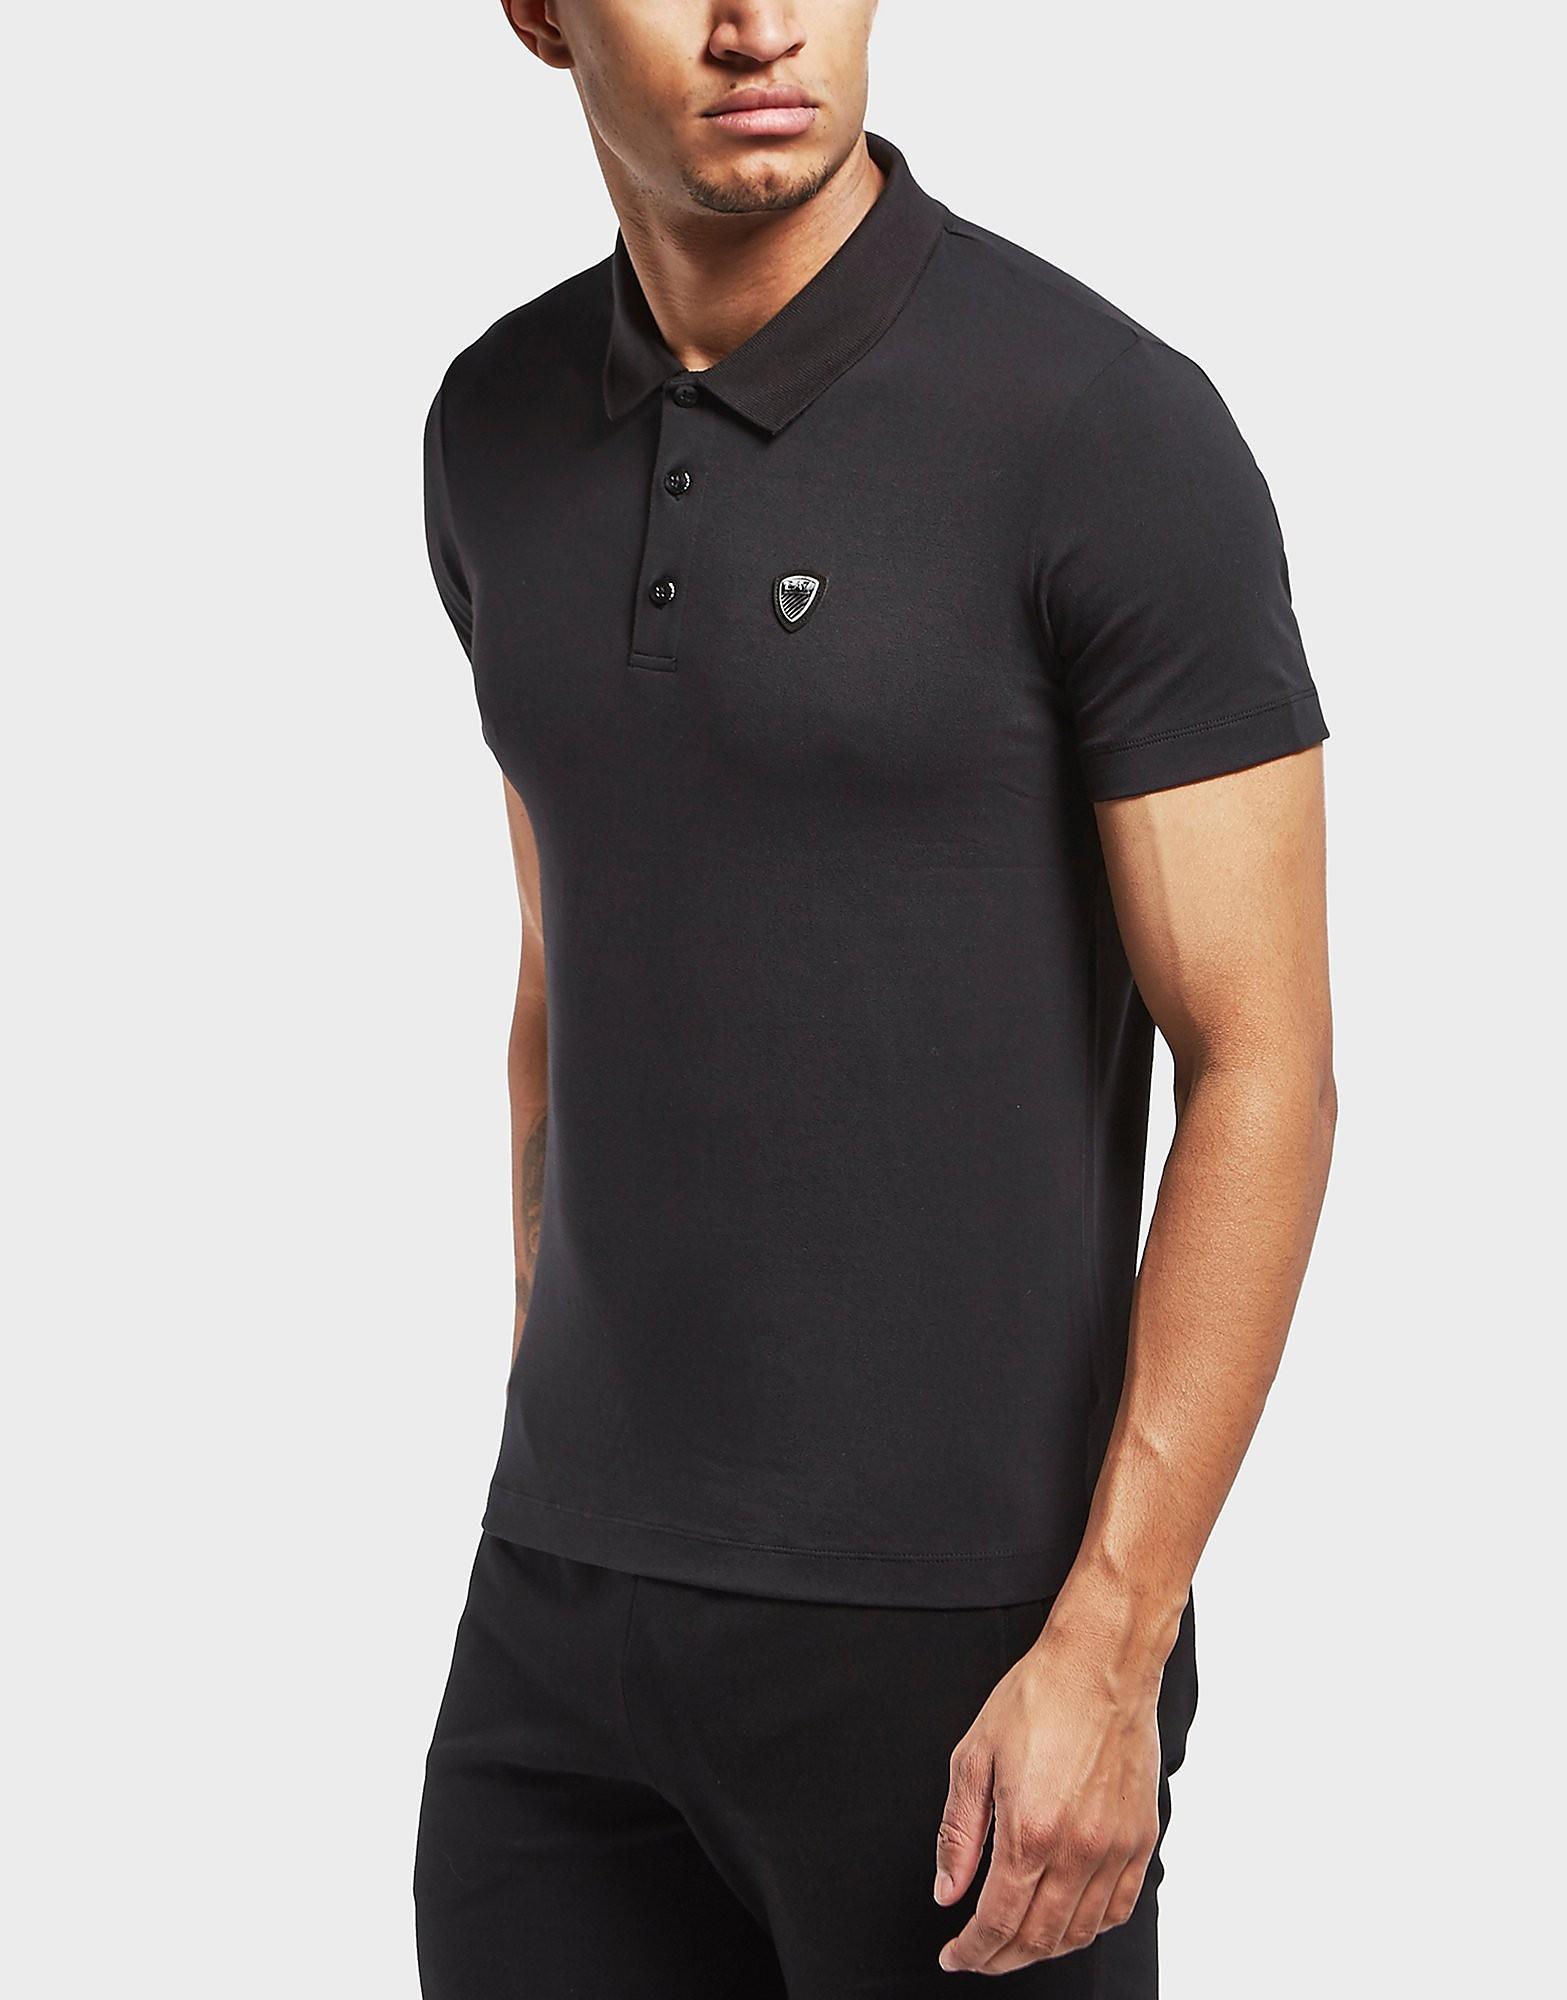 Emporio Armani EA7 Premium Shield T-Shirt